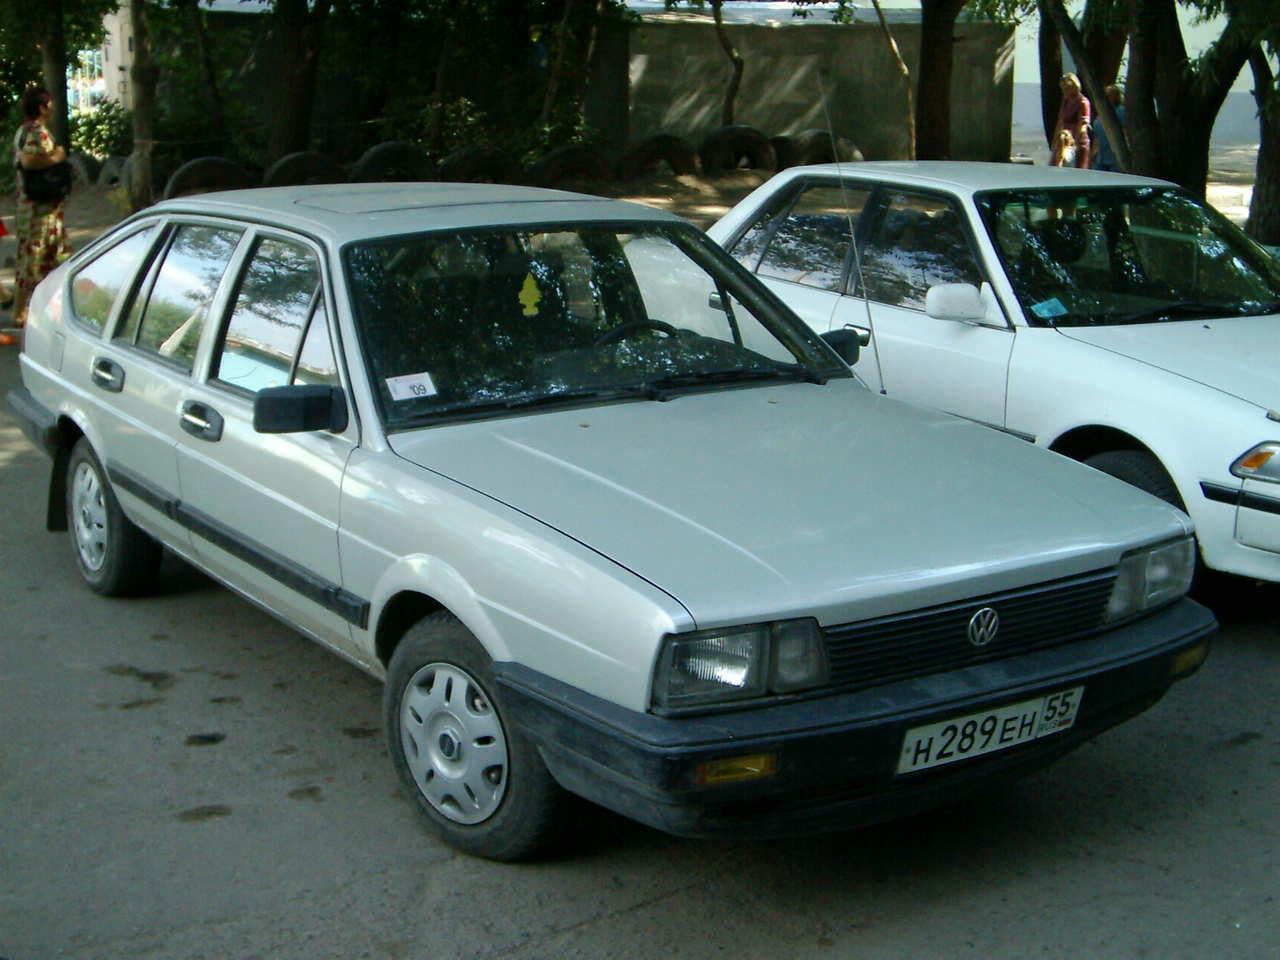 Photo #1 - Enlarge photo 1280x960 1985 Volkswagen Passat Photos